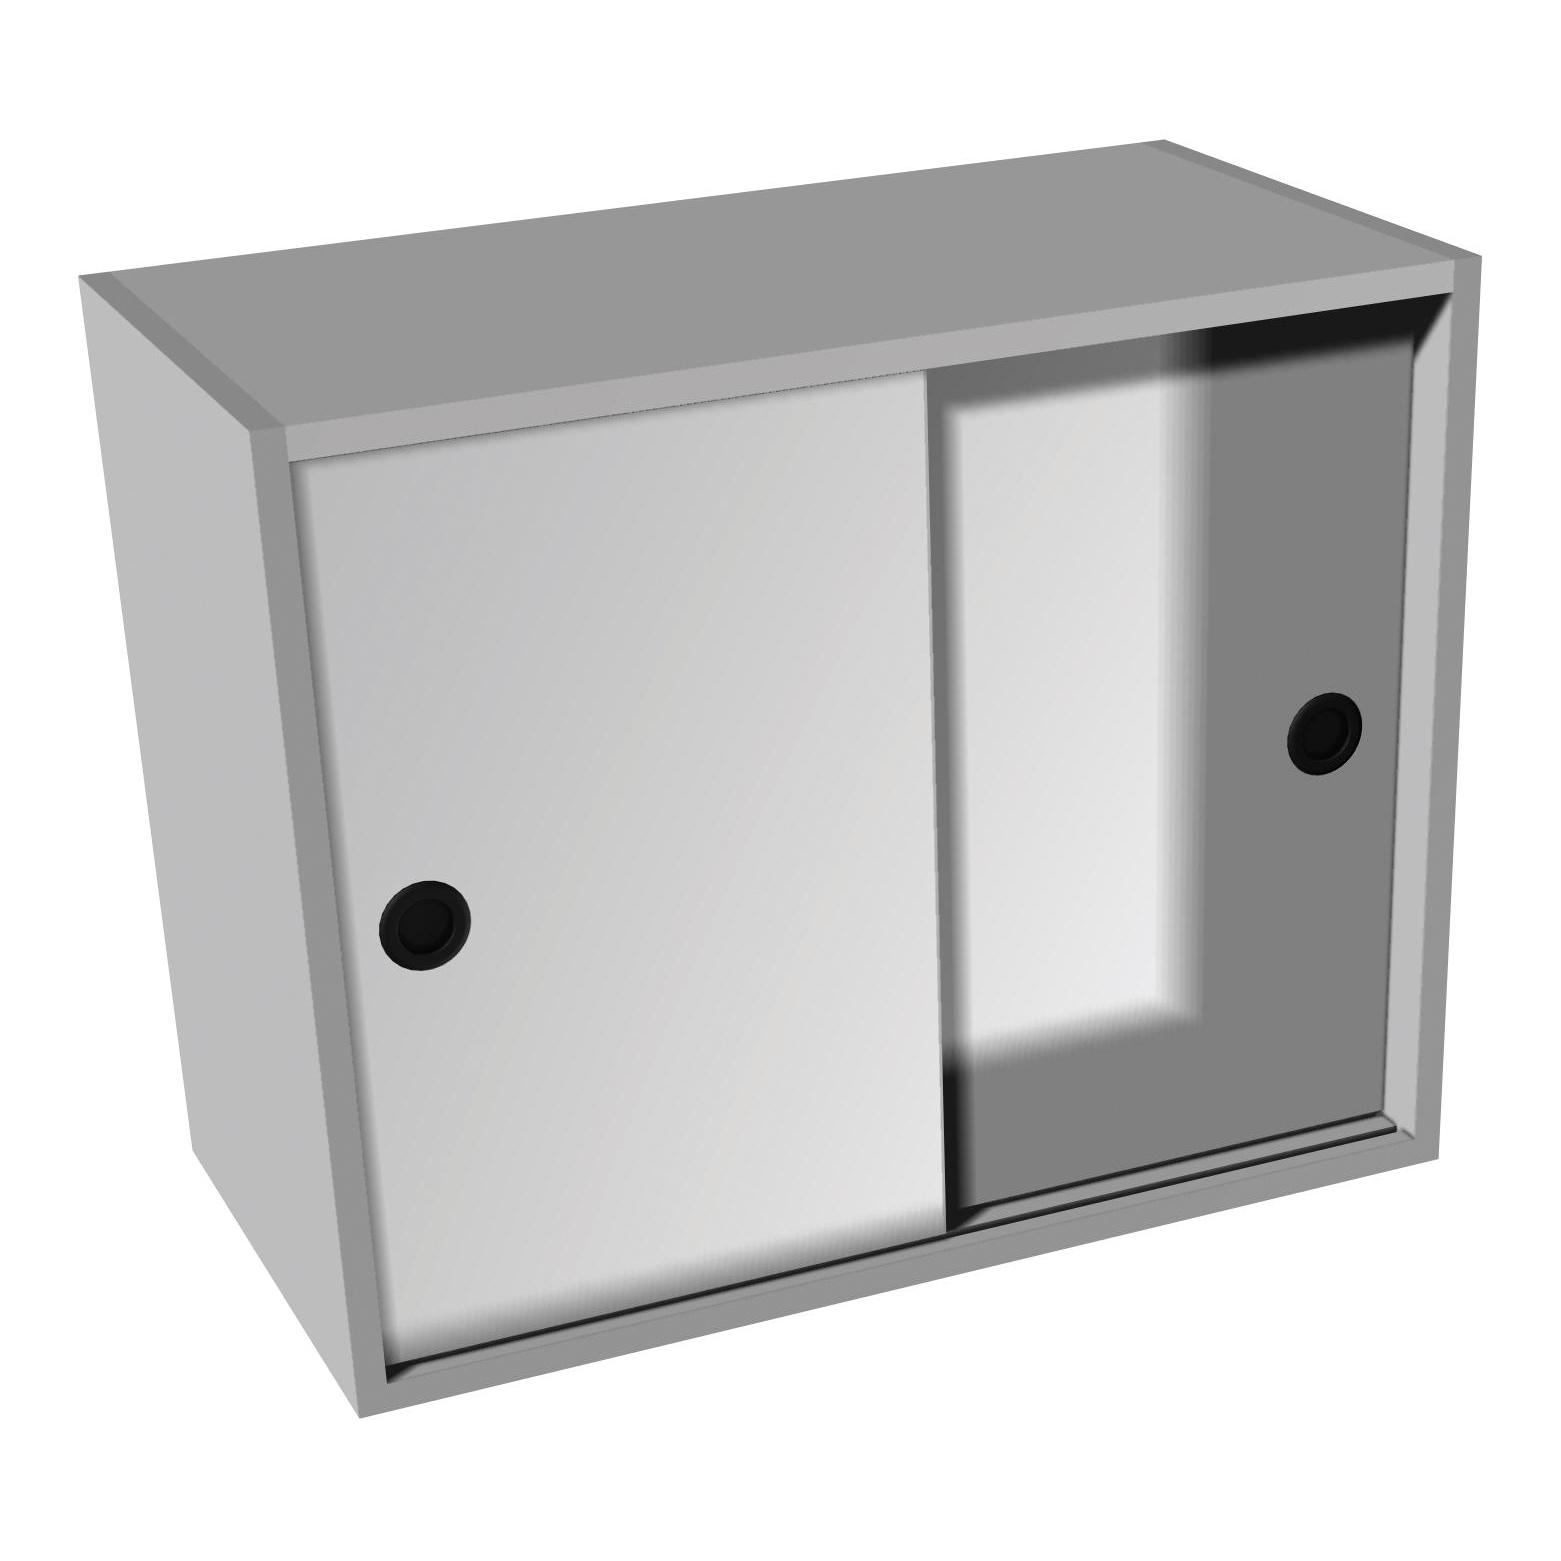 meuble haut suspendu lcca fabricant de mobilier de. Black Bedroom Furniture Sets. Home Design Ideas